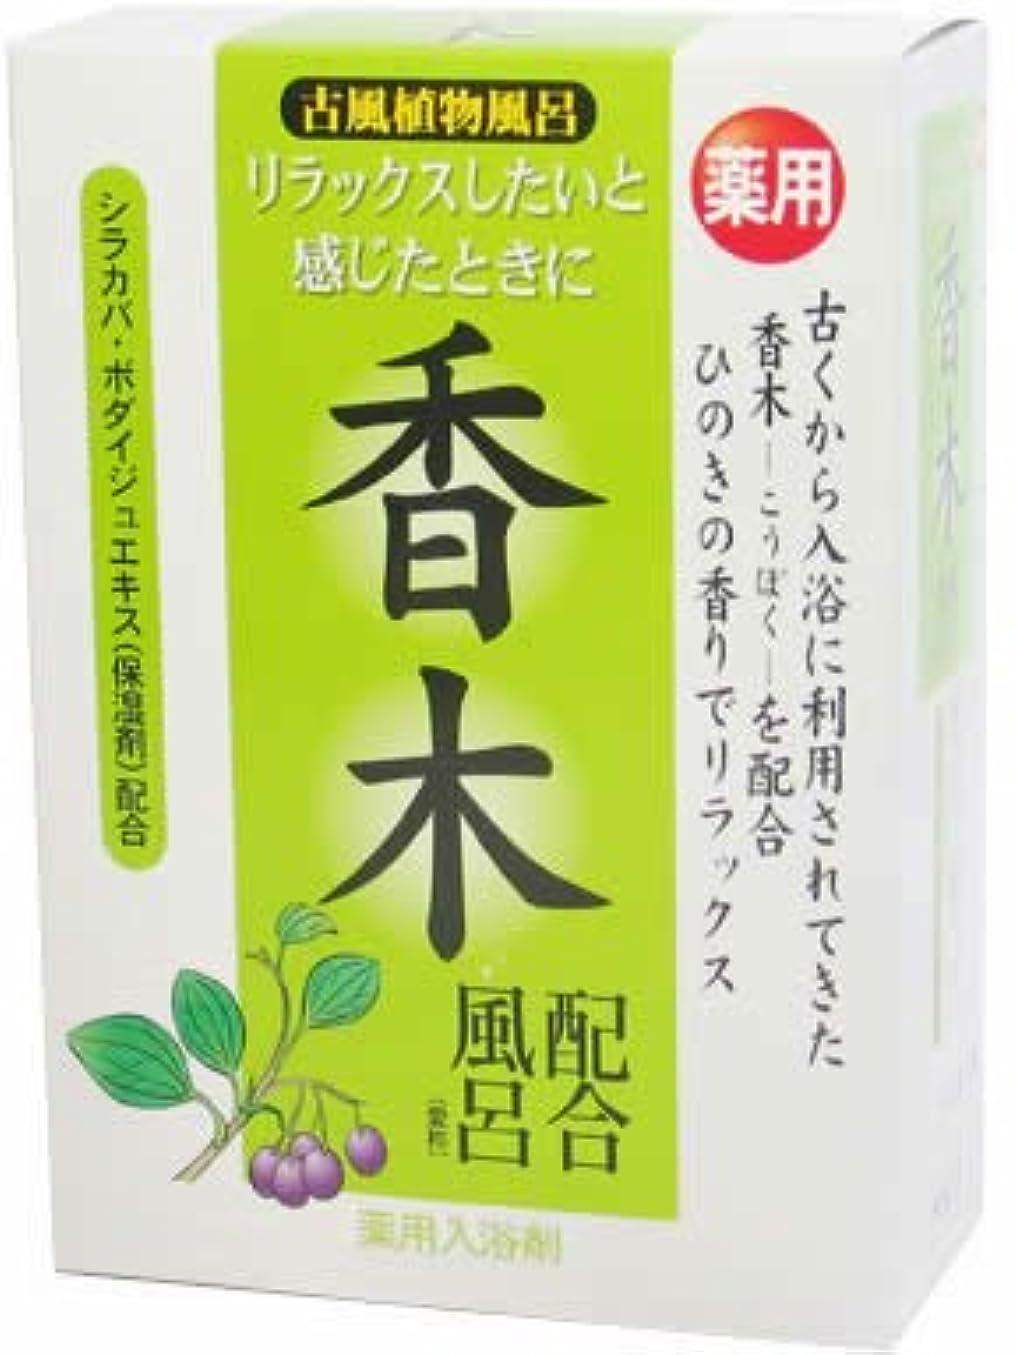 グリーンバックホップ一致する古風植物風呂香木配合 25gX5包 [医薬部外品]